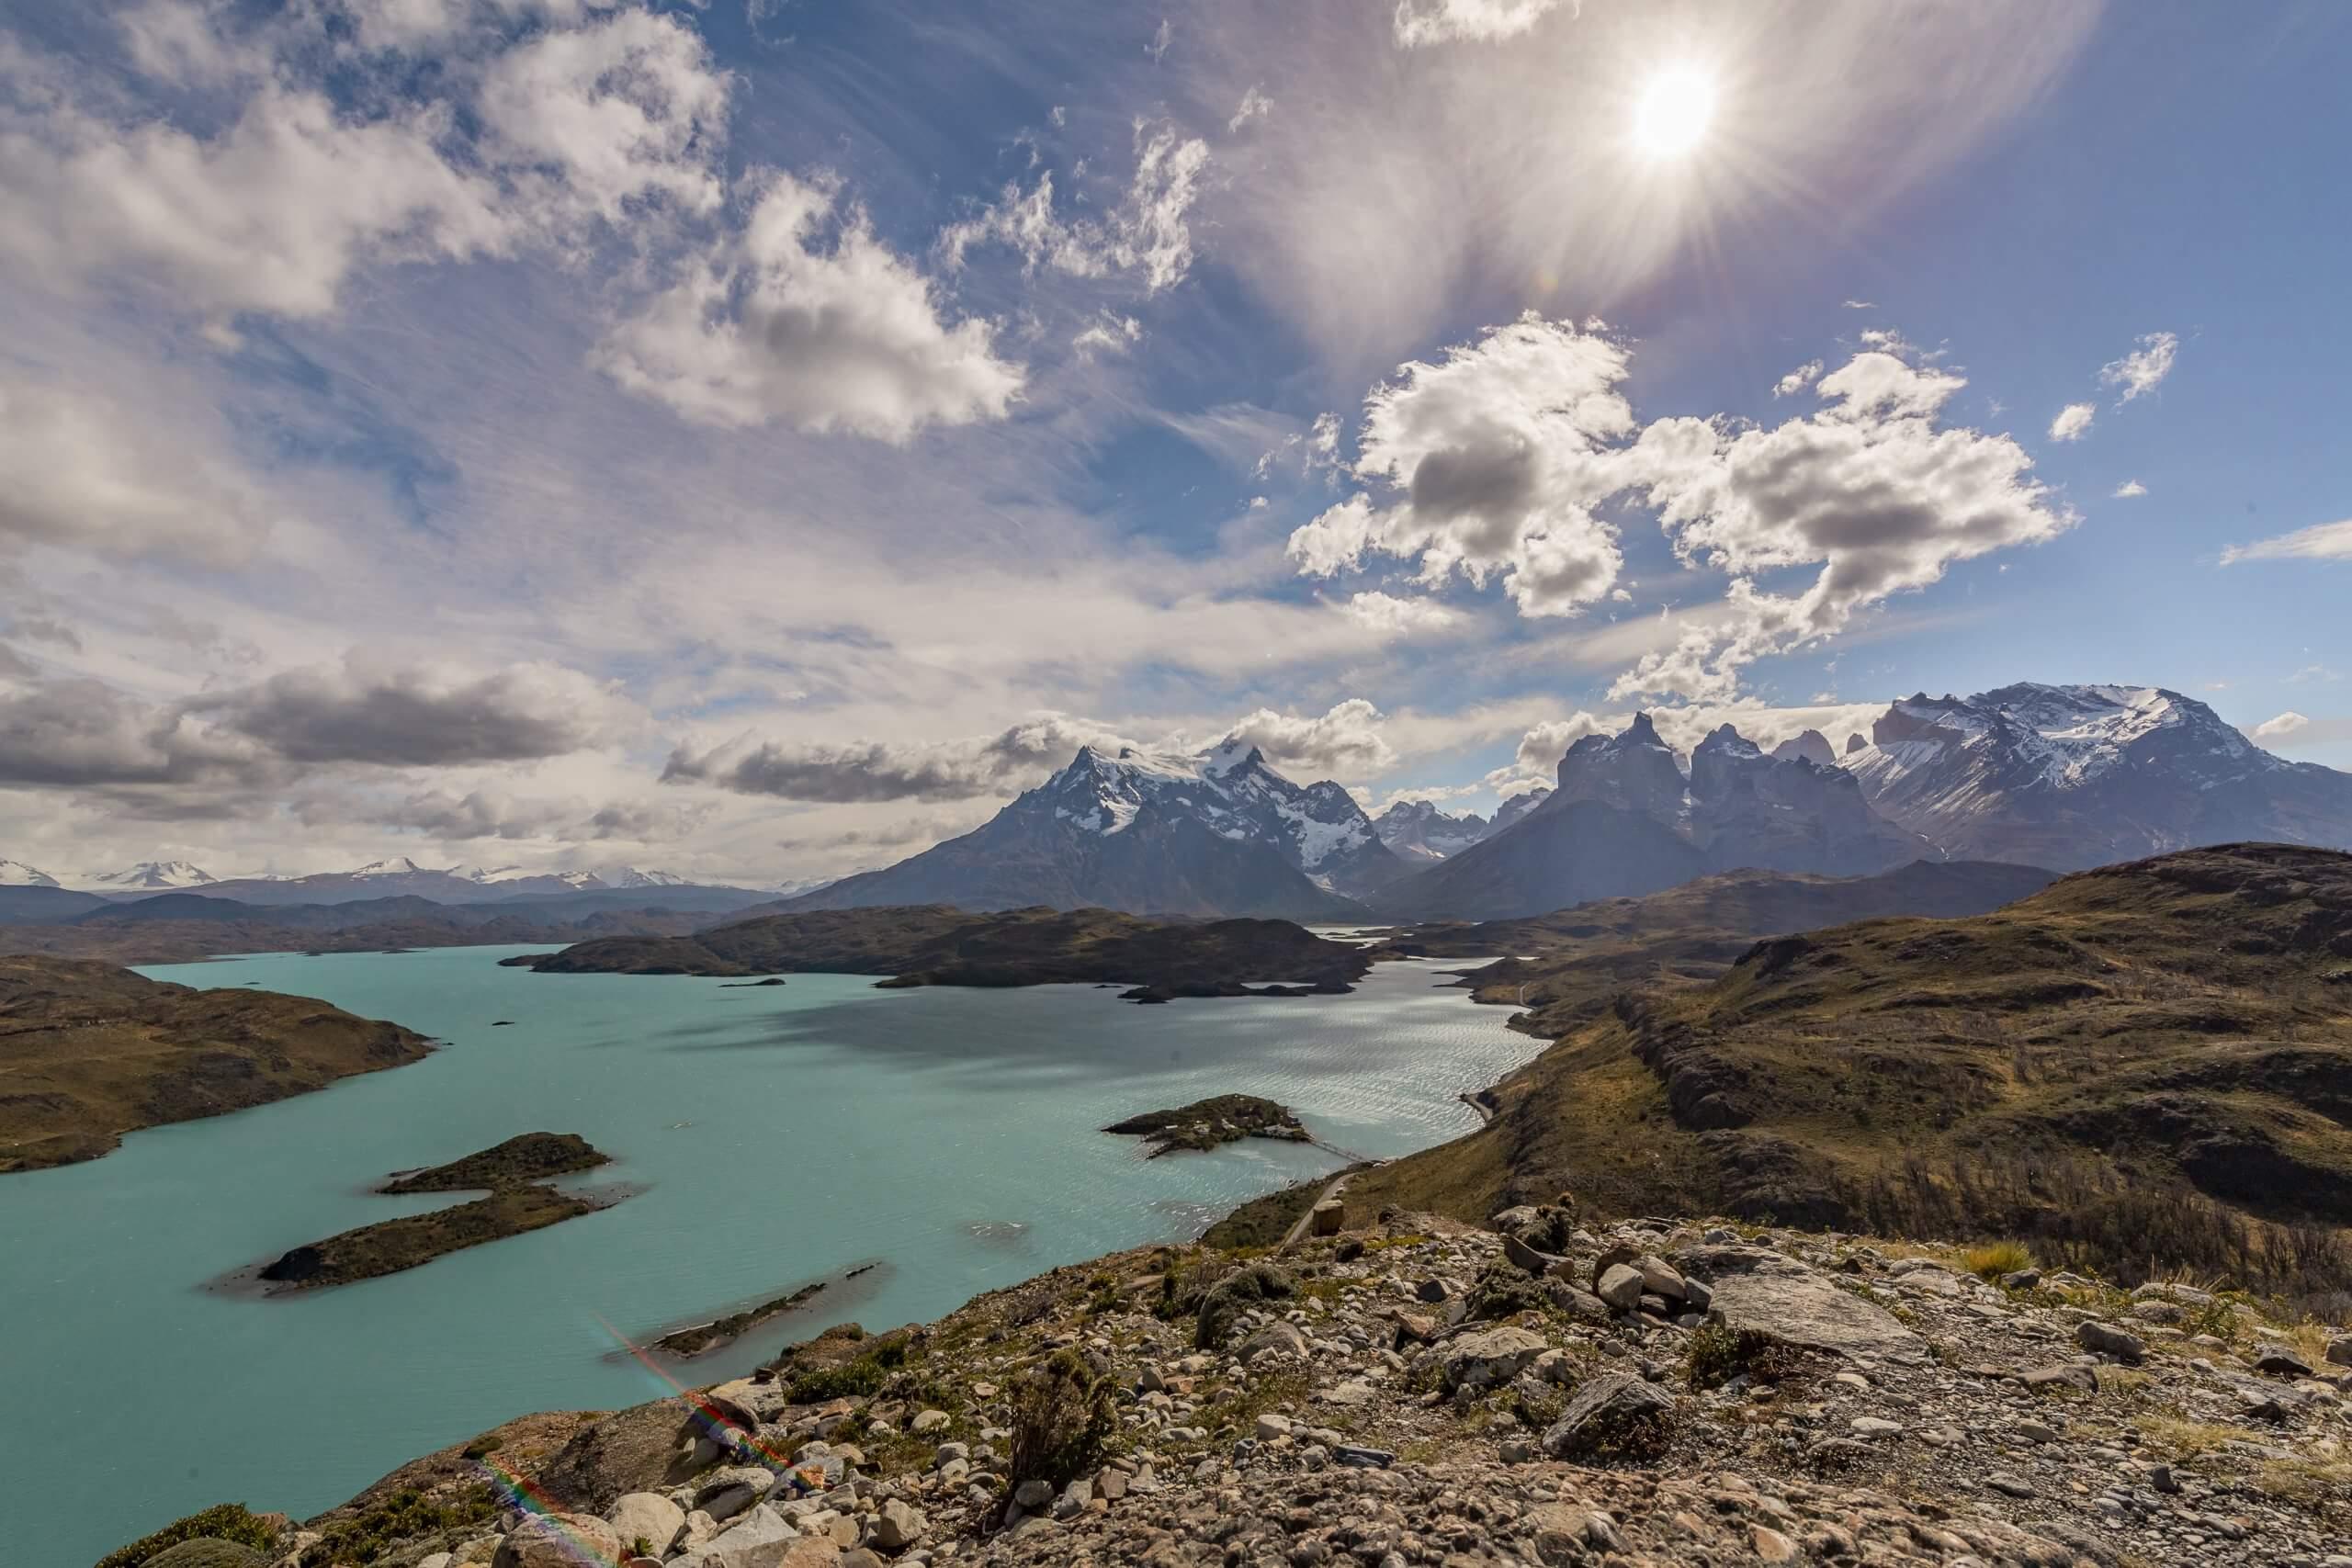 Aussicht auf den Lago Pehoé und die Cuernos